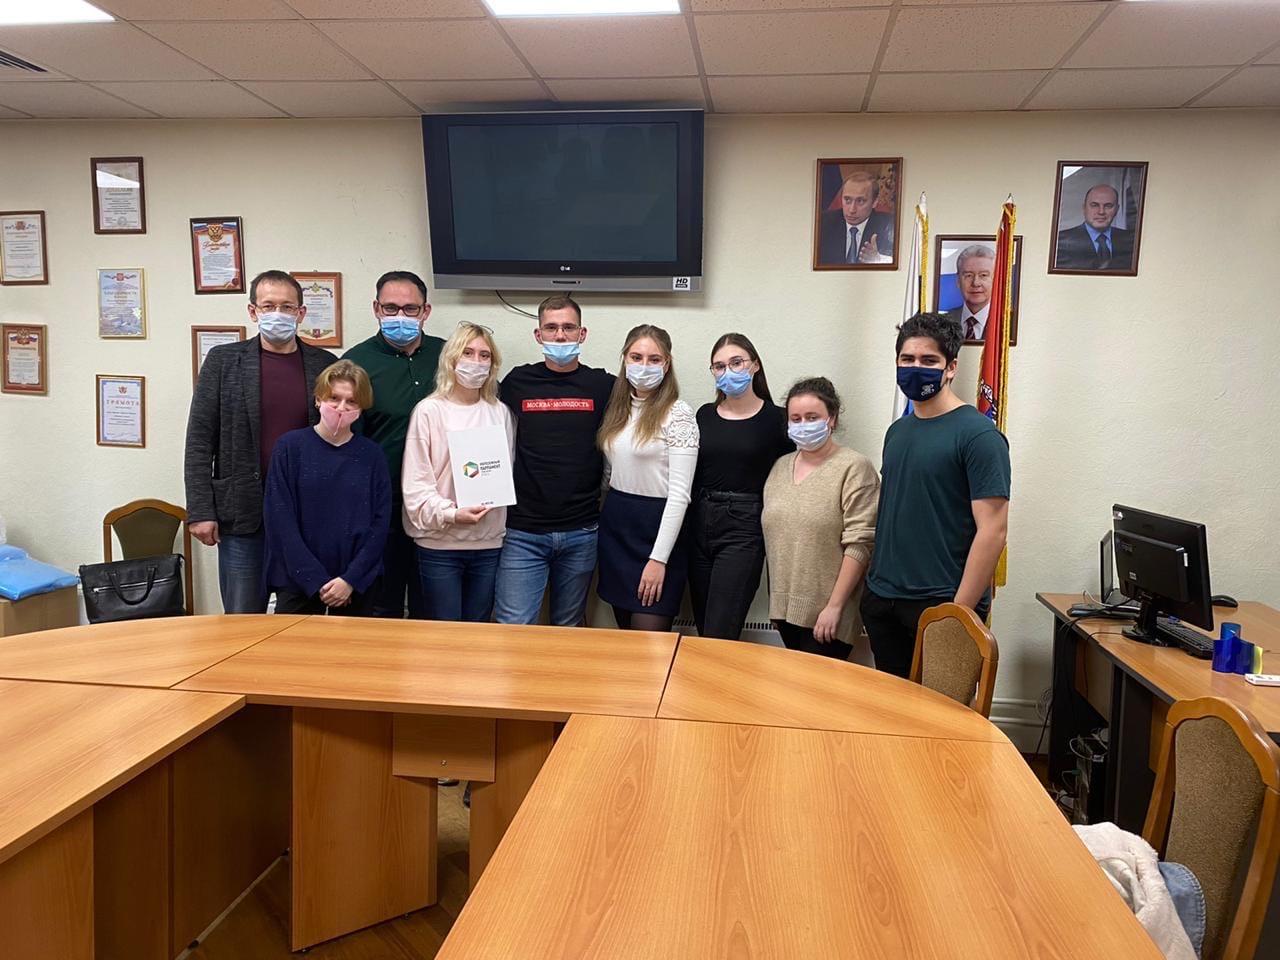 Планы на конец 2020 года обсудили в Орехове-Борисове Южном